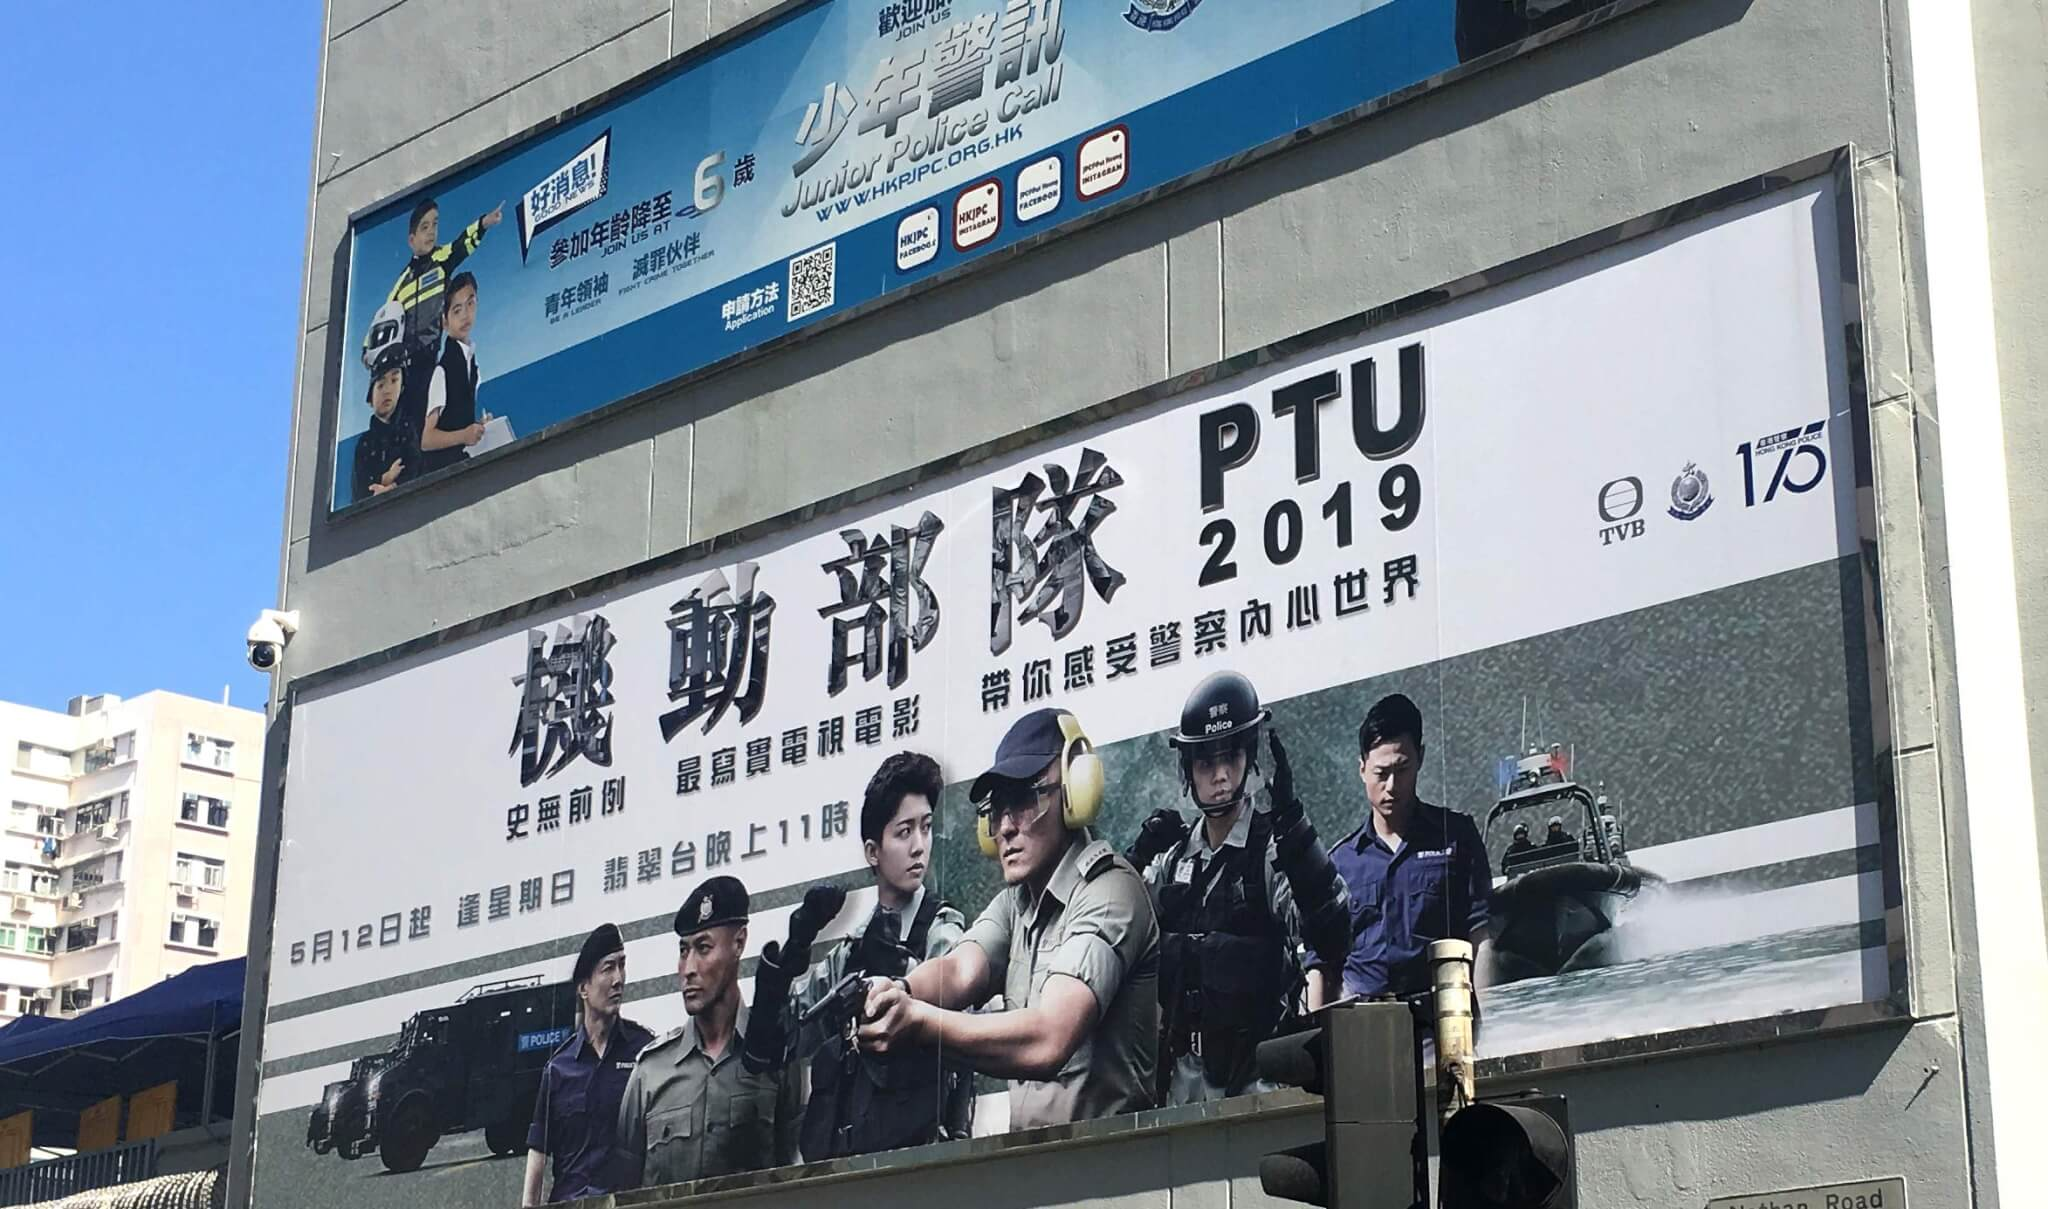 香港 あなたはどこへ向かうのか 6ヘッダー画像